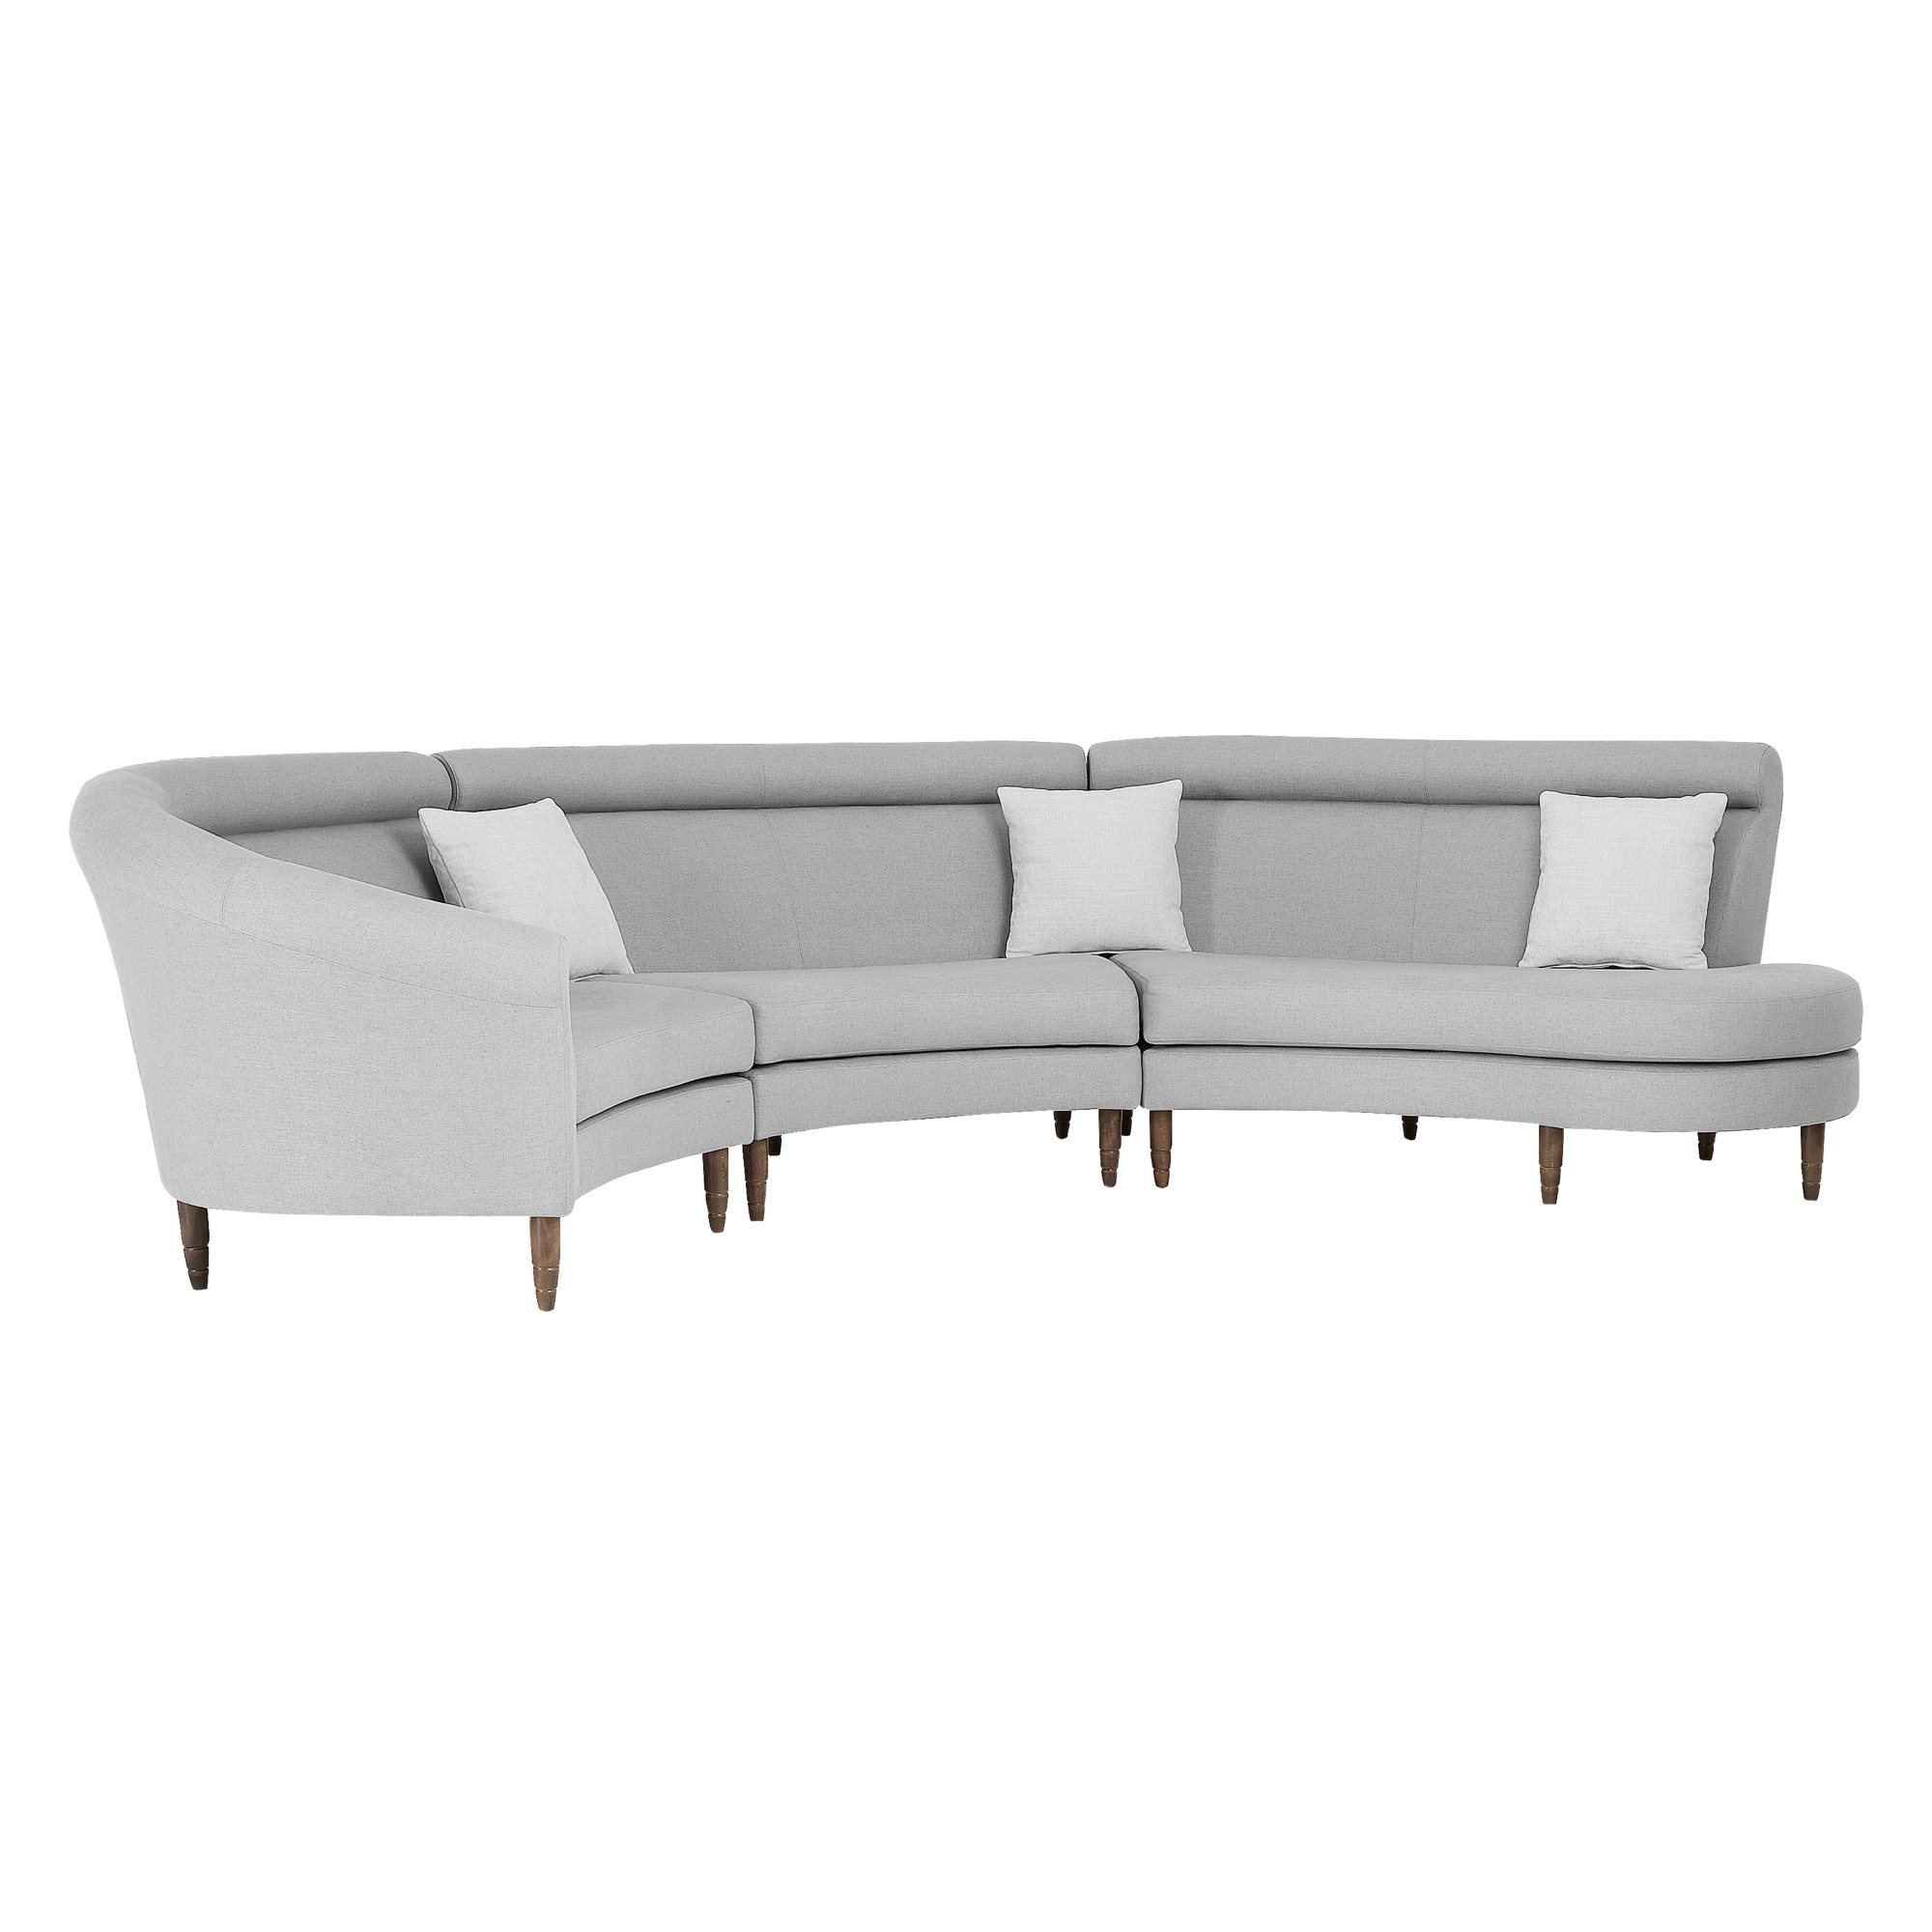 John Lewis Paramount RHF Corner Sofa